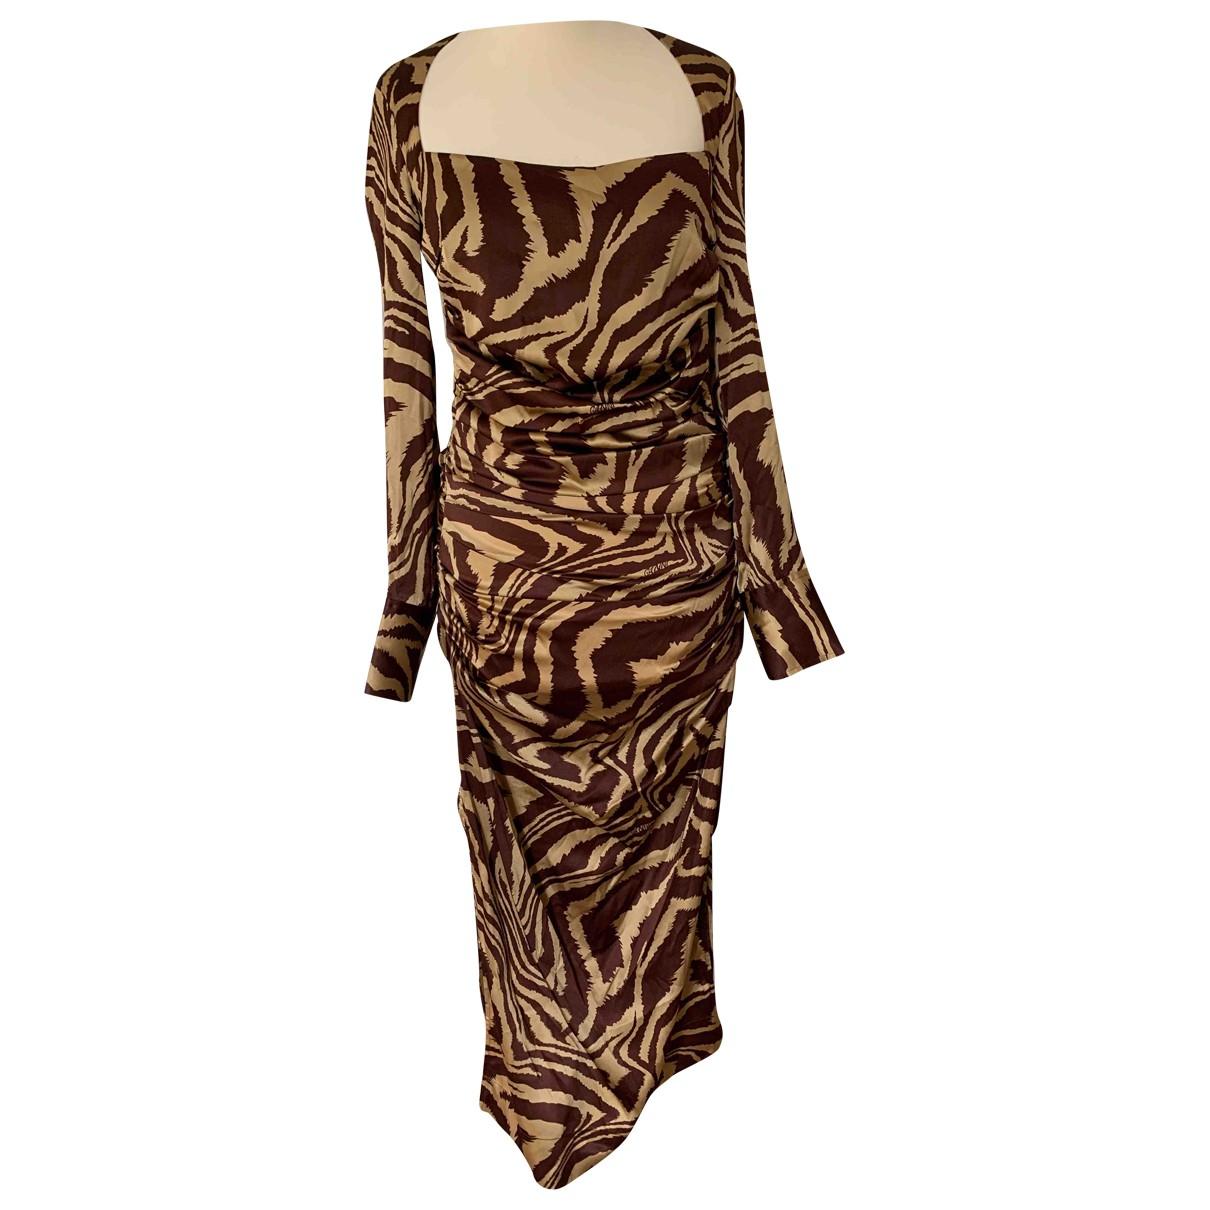 Ganni - Robe Spring Summer 2020 pour femme en soie - multicolore